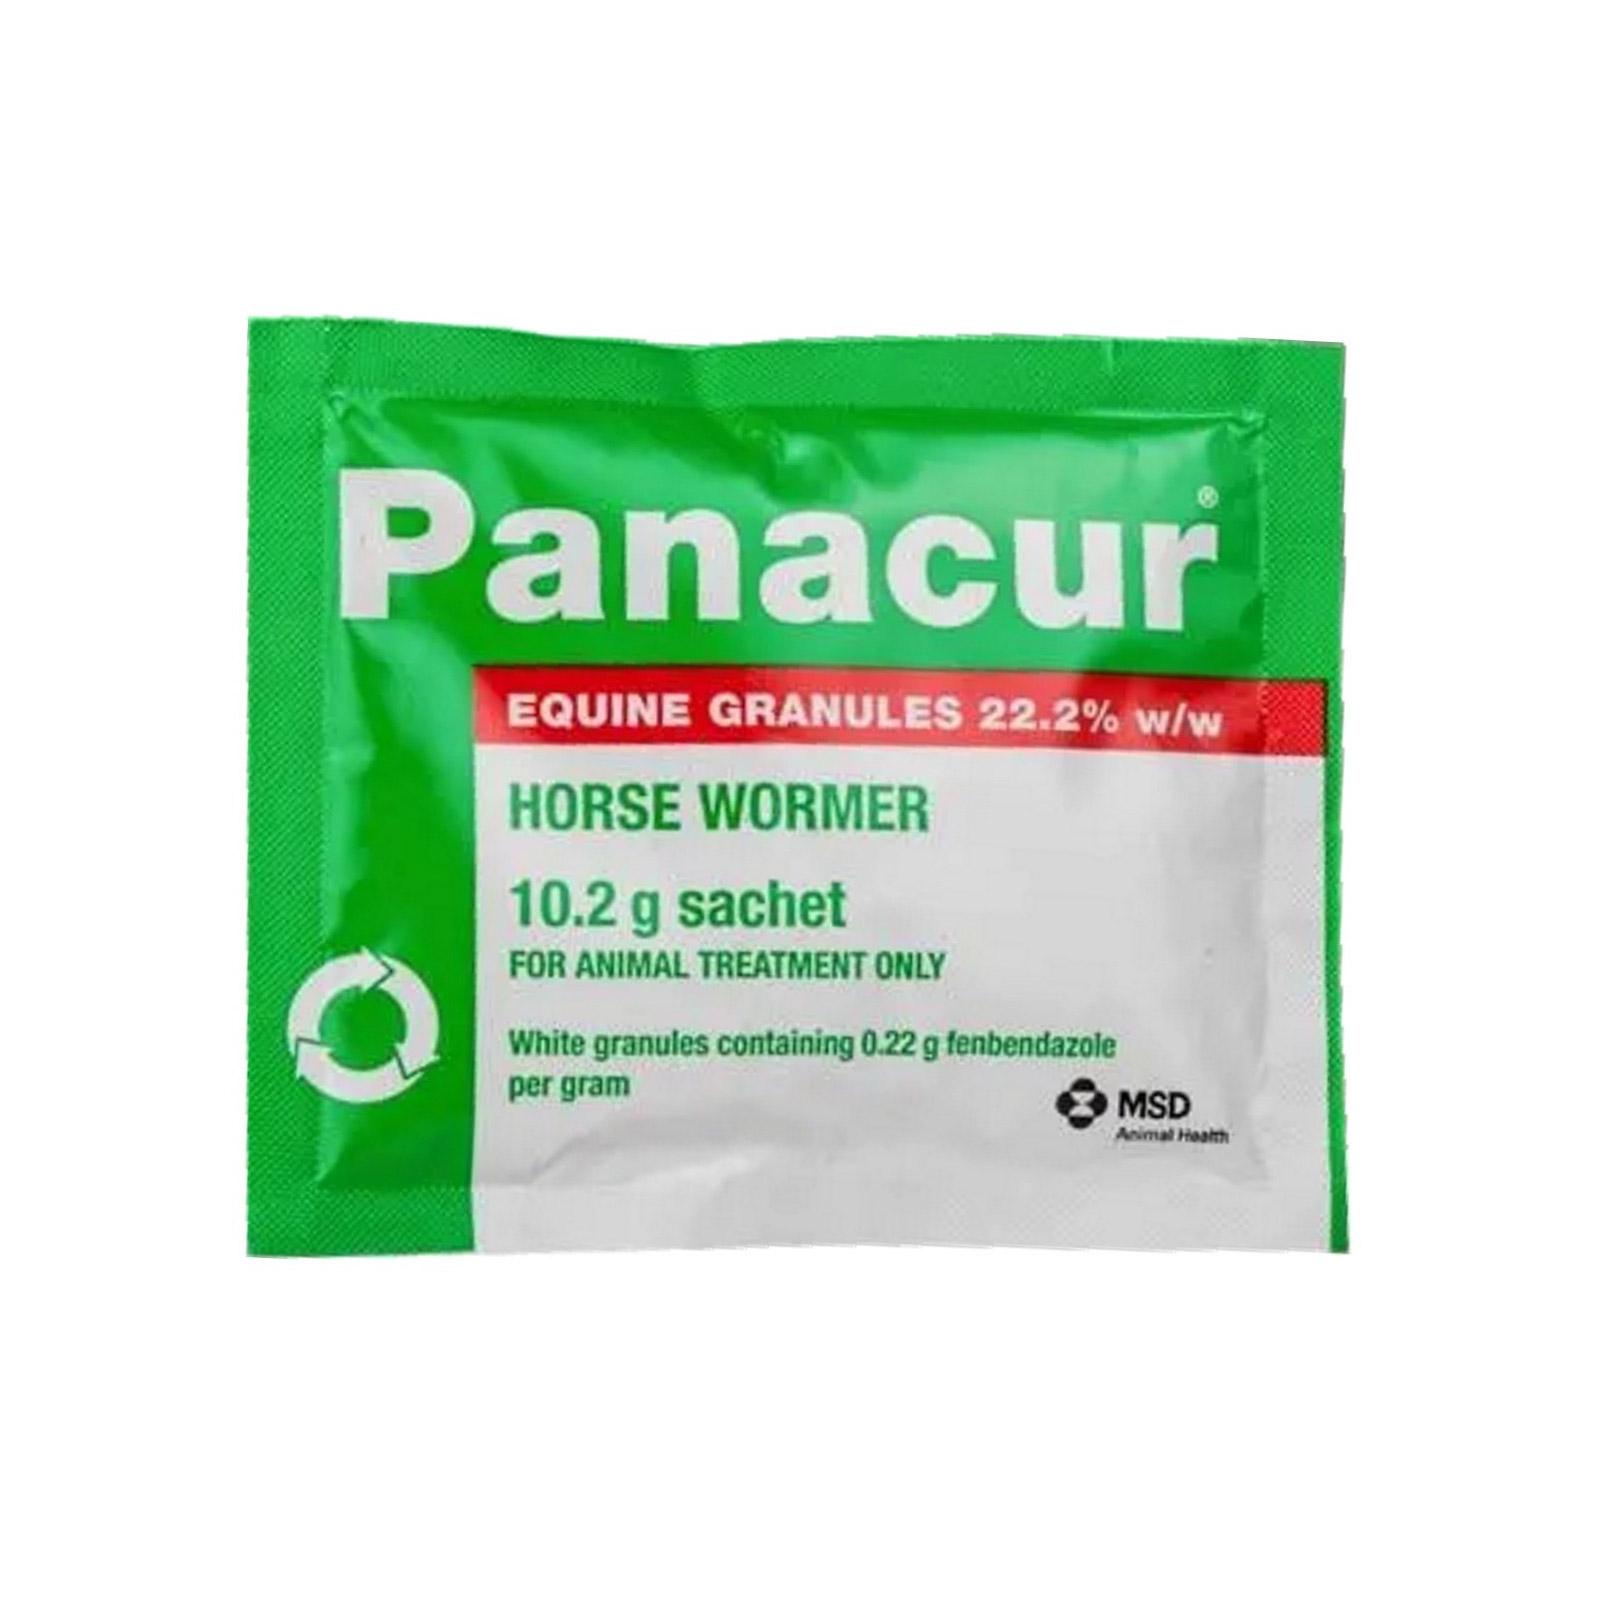 BudgetPetCare.com - Panacur Equine Granules Single Sachet 10gm 1 Sachet 20.35 USD